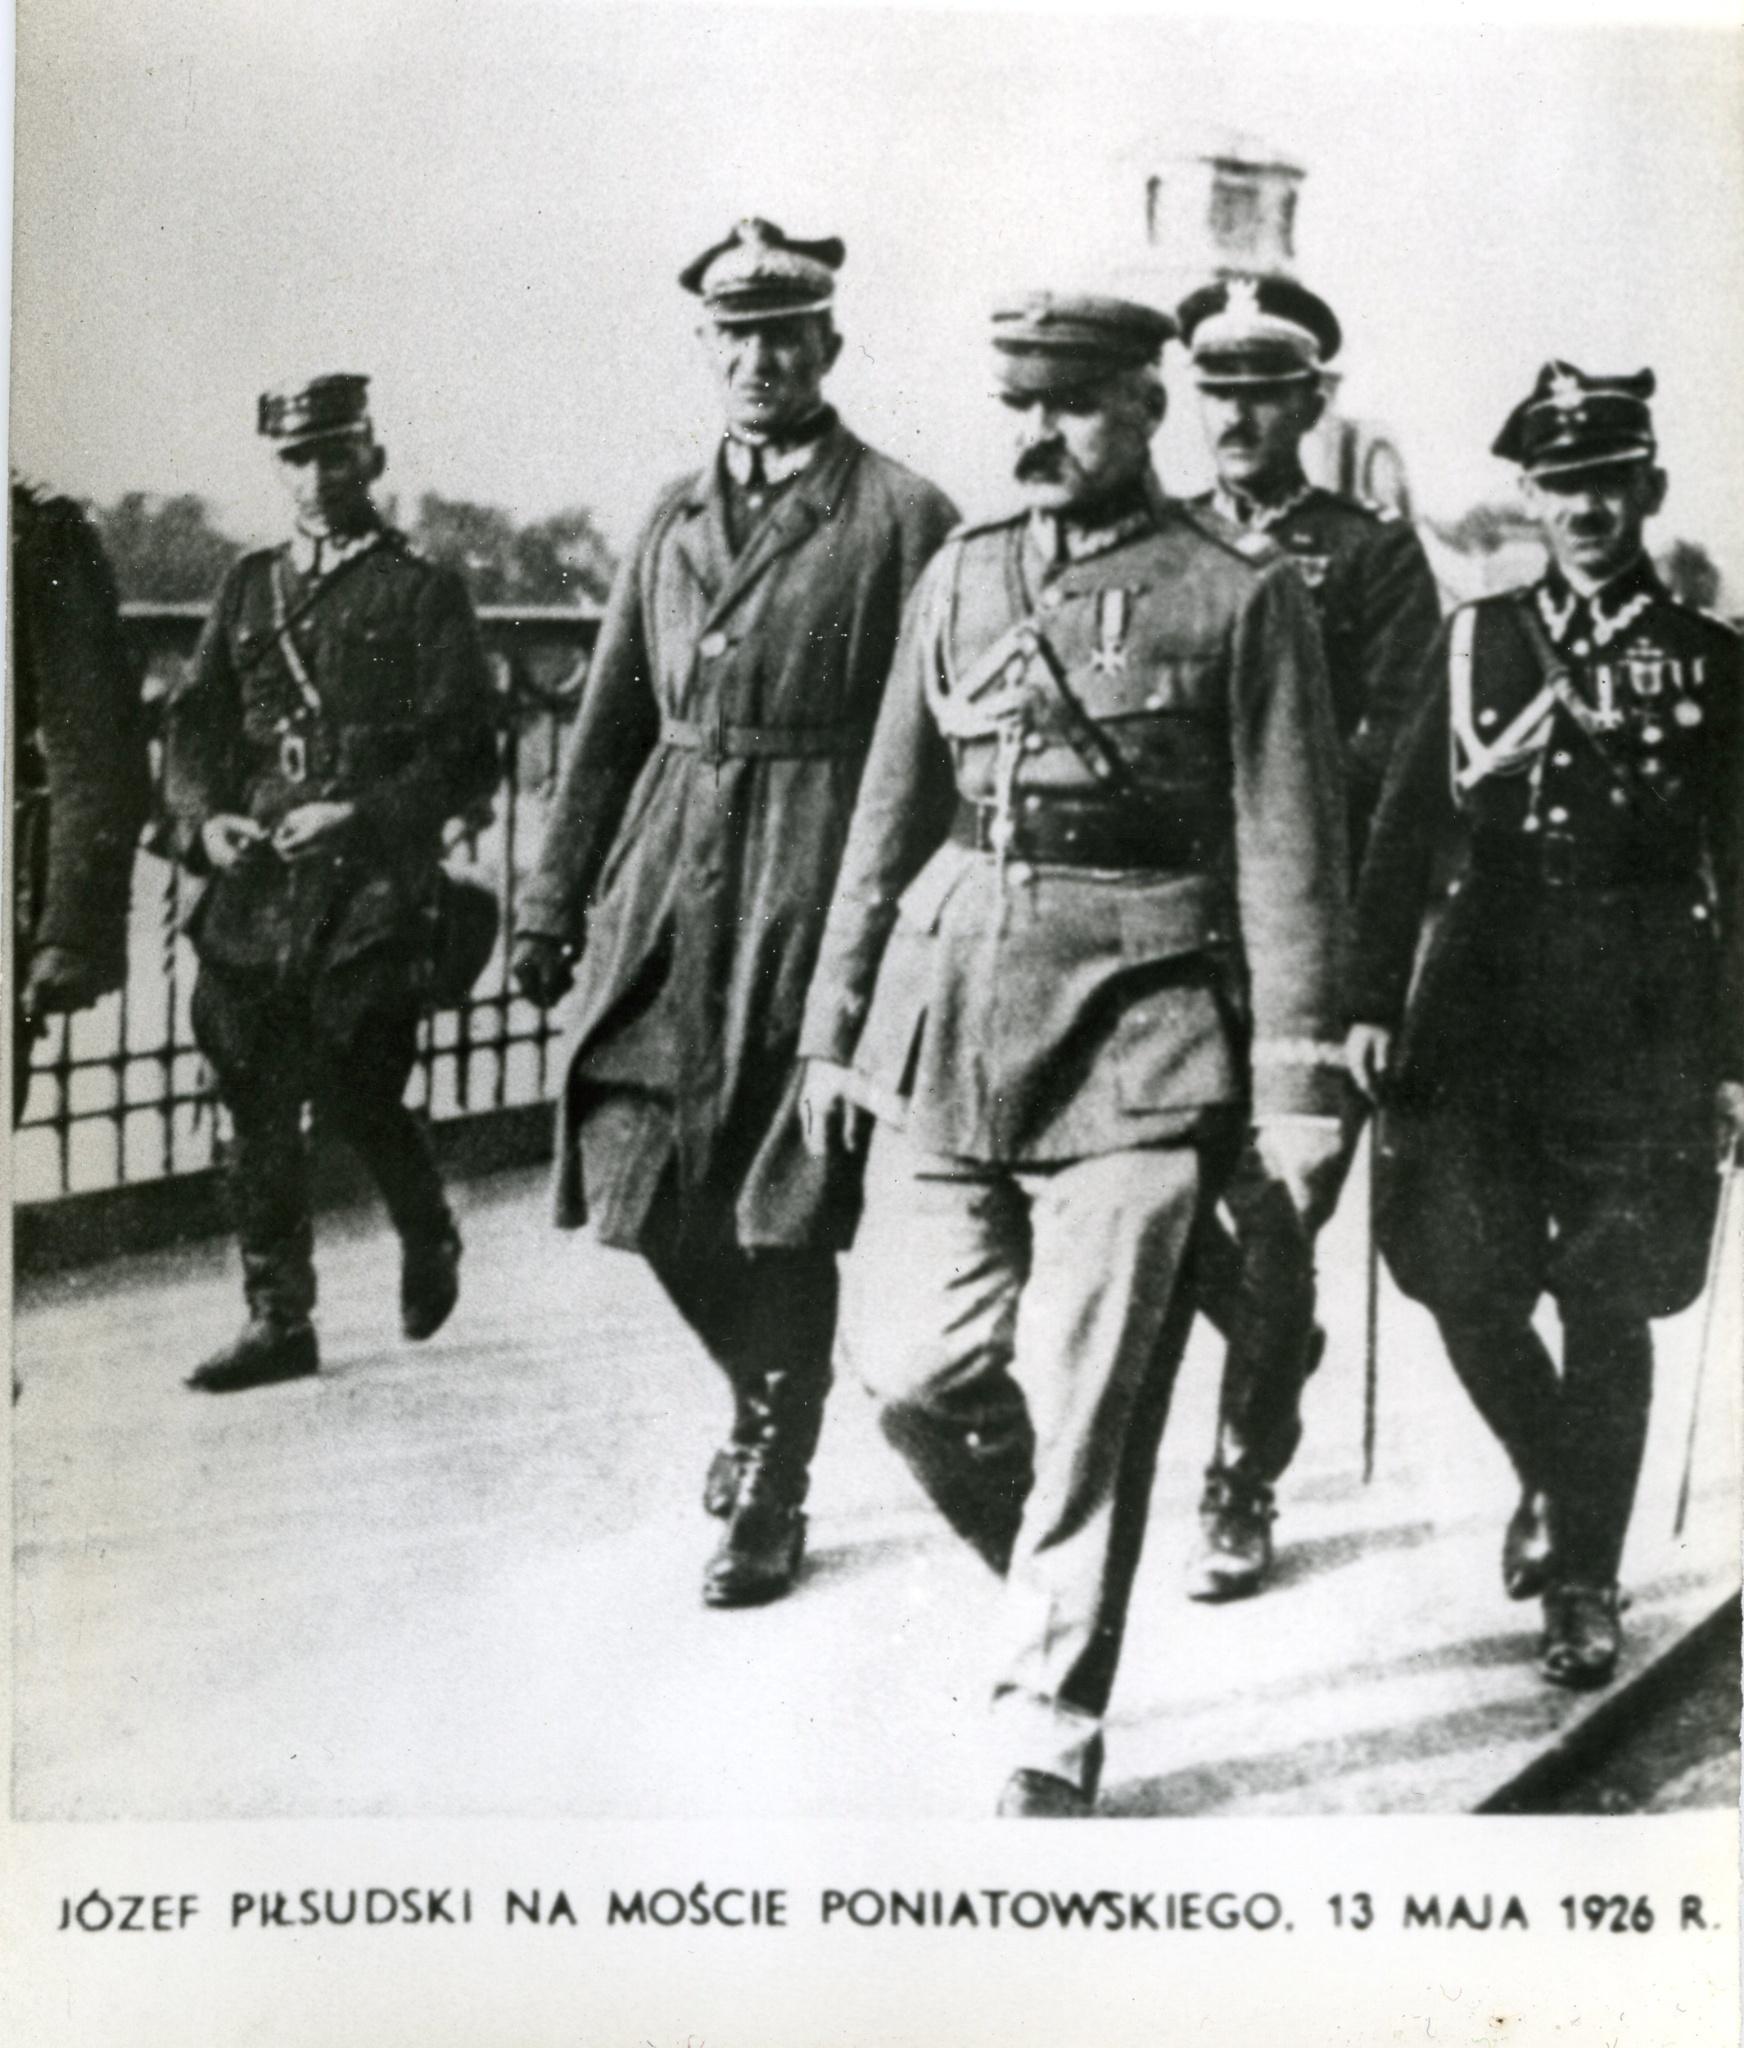 <div class='inner-box'><div class='close-desc'></div><span class='opis'>Józef Piłsudski na Moście Poniatowskiego w Warszawie.</span><div class='clearfix'></div><span>Cote du document FIL03172</span><div class='clearfix'></div><span>© Instytut Literacki</span></div>